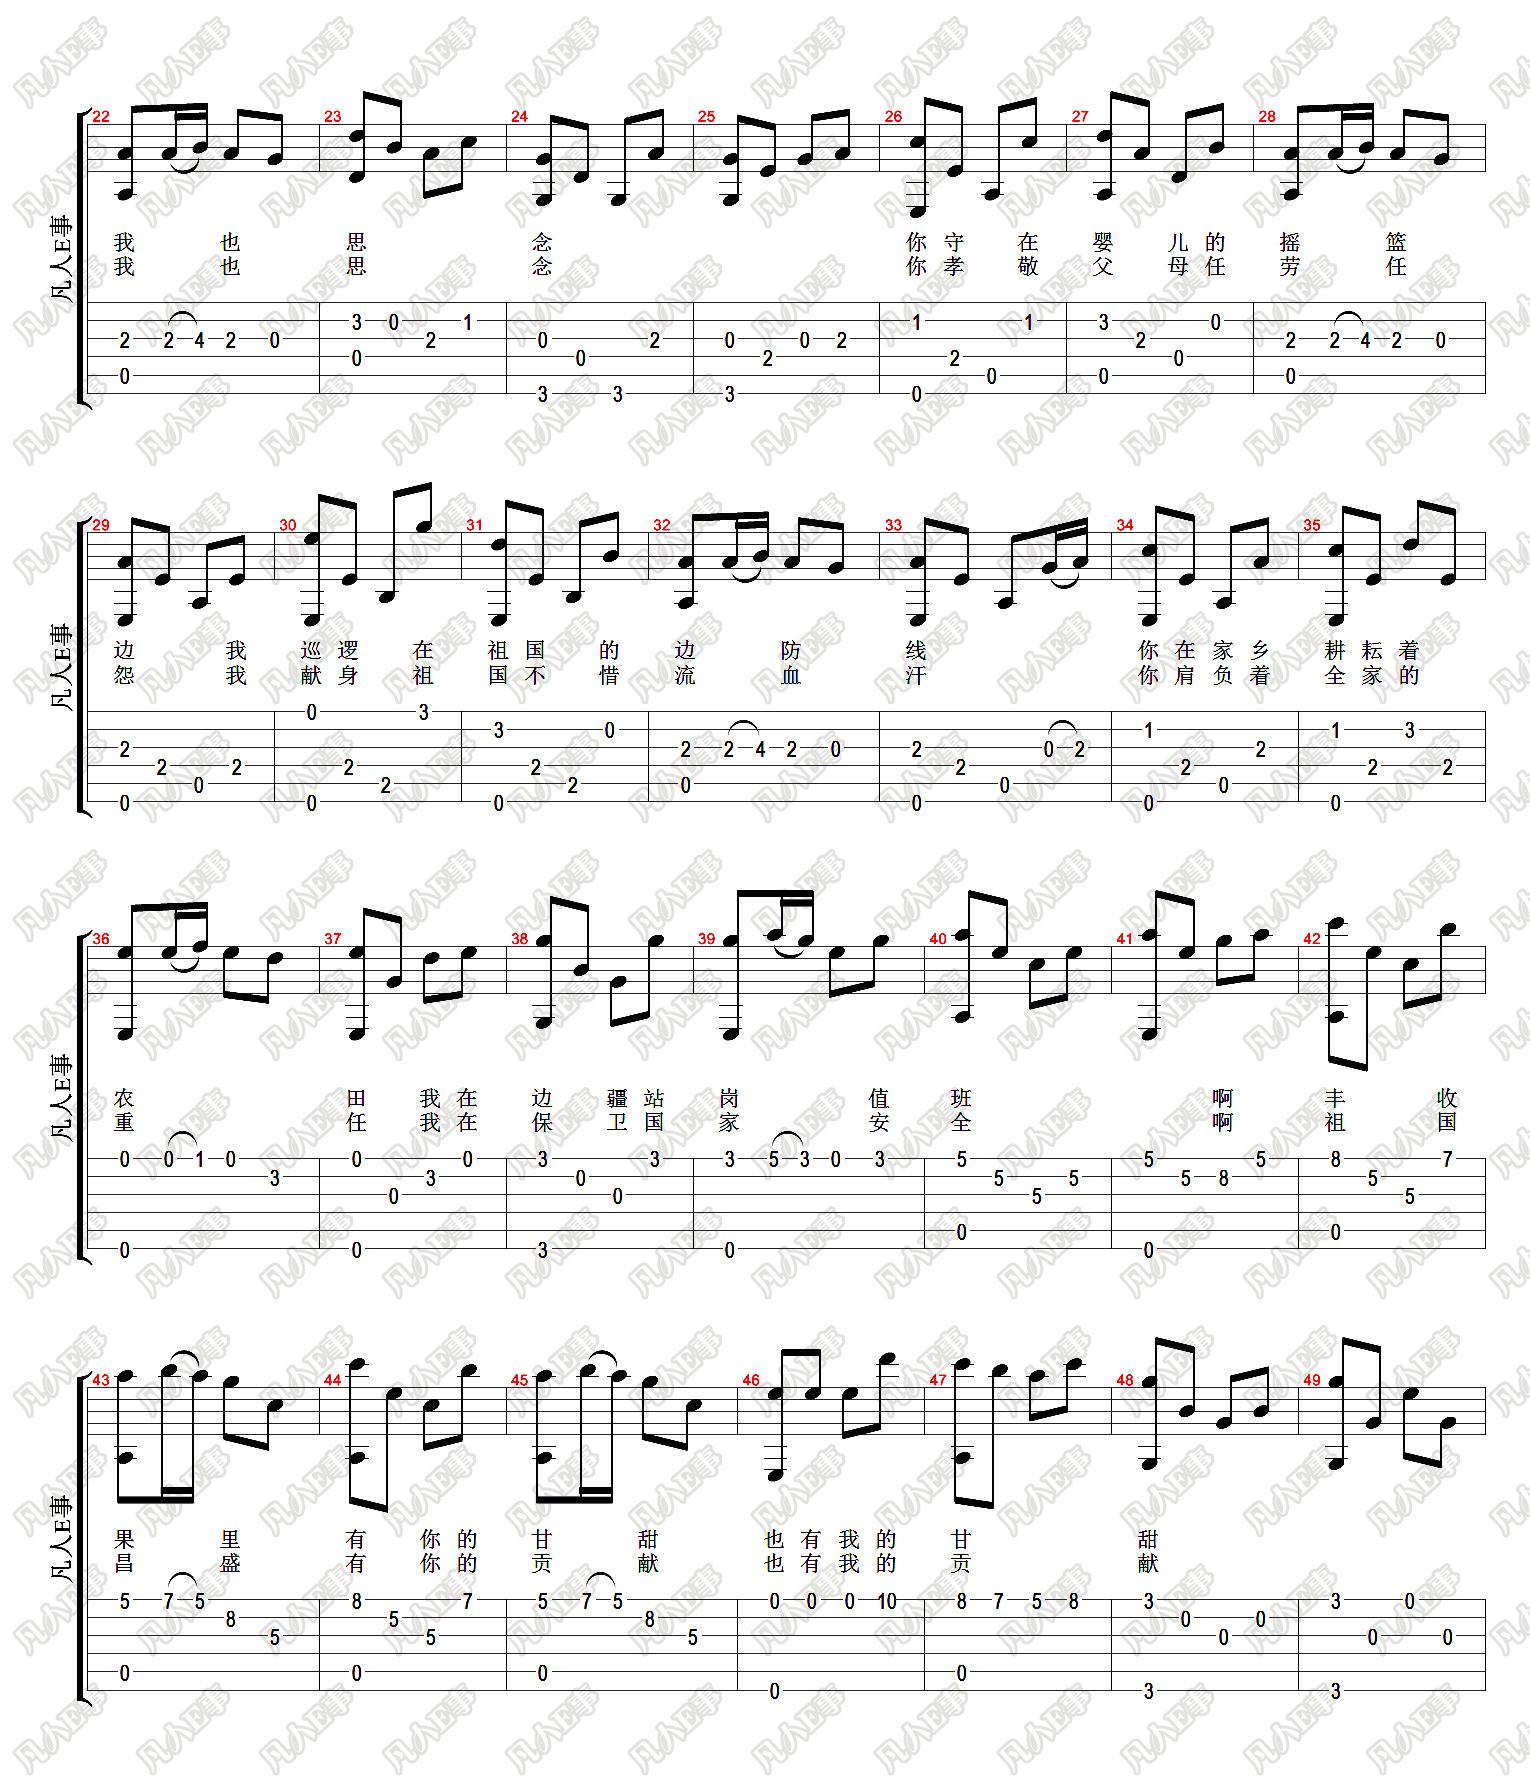 十五的月亮 吉他电脑合成示范音乐与高清乐谱同步学习